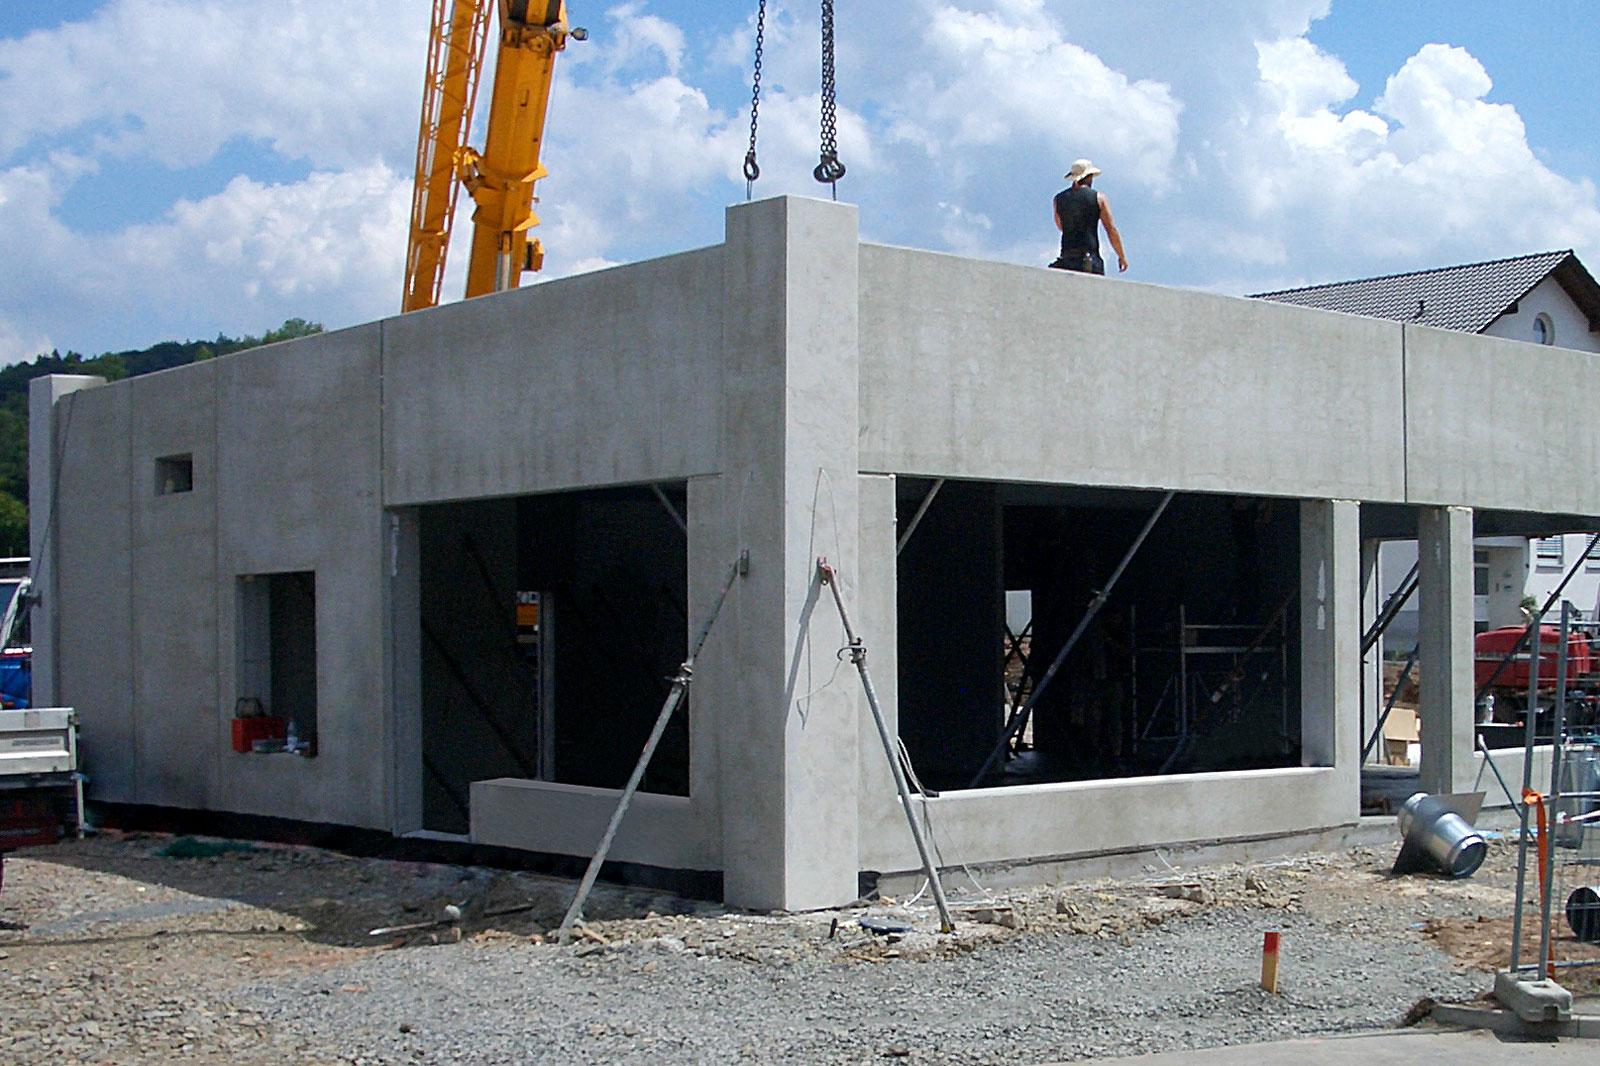 Baustellenbild eines Subway Restaurant in Stahlbeton-Fertigteil Bauweise